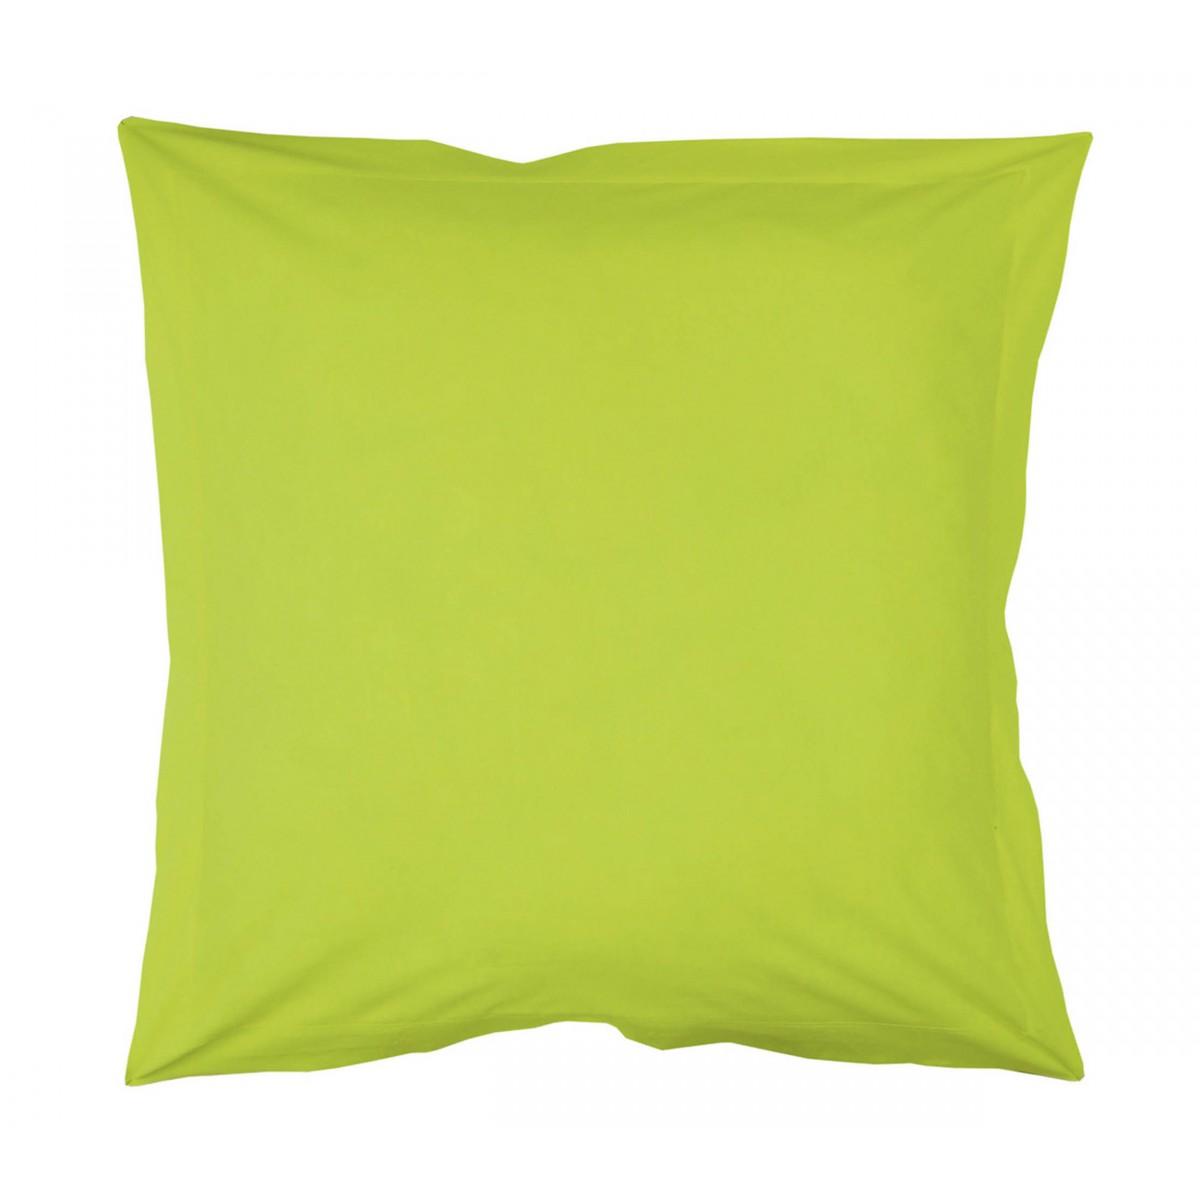 Taie d'oreiller vert pistache 63x63